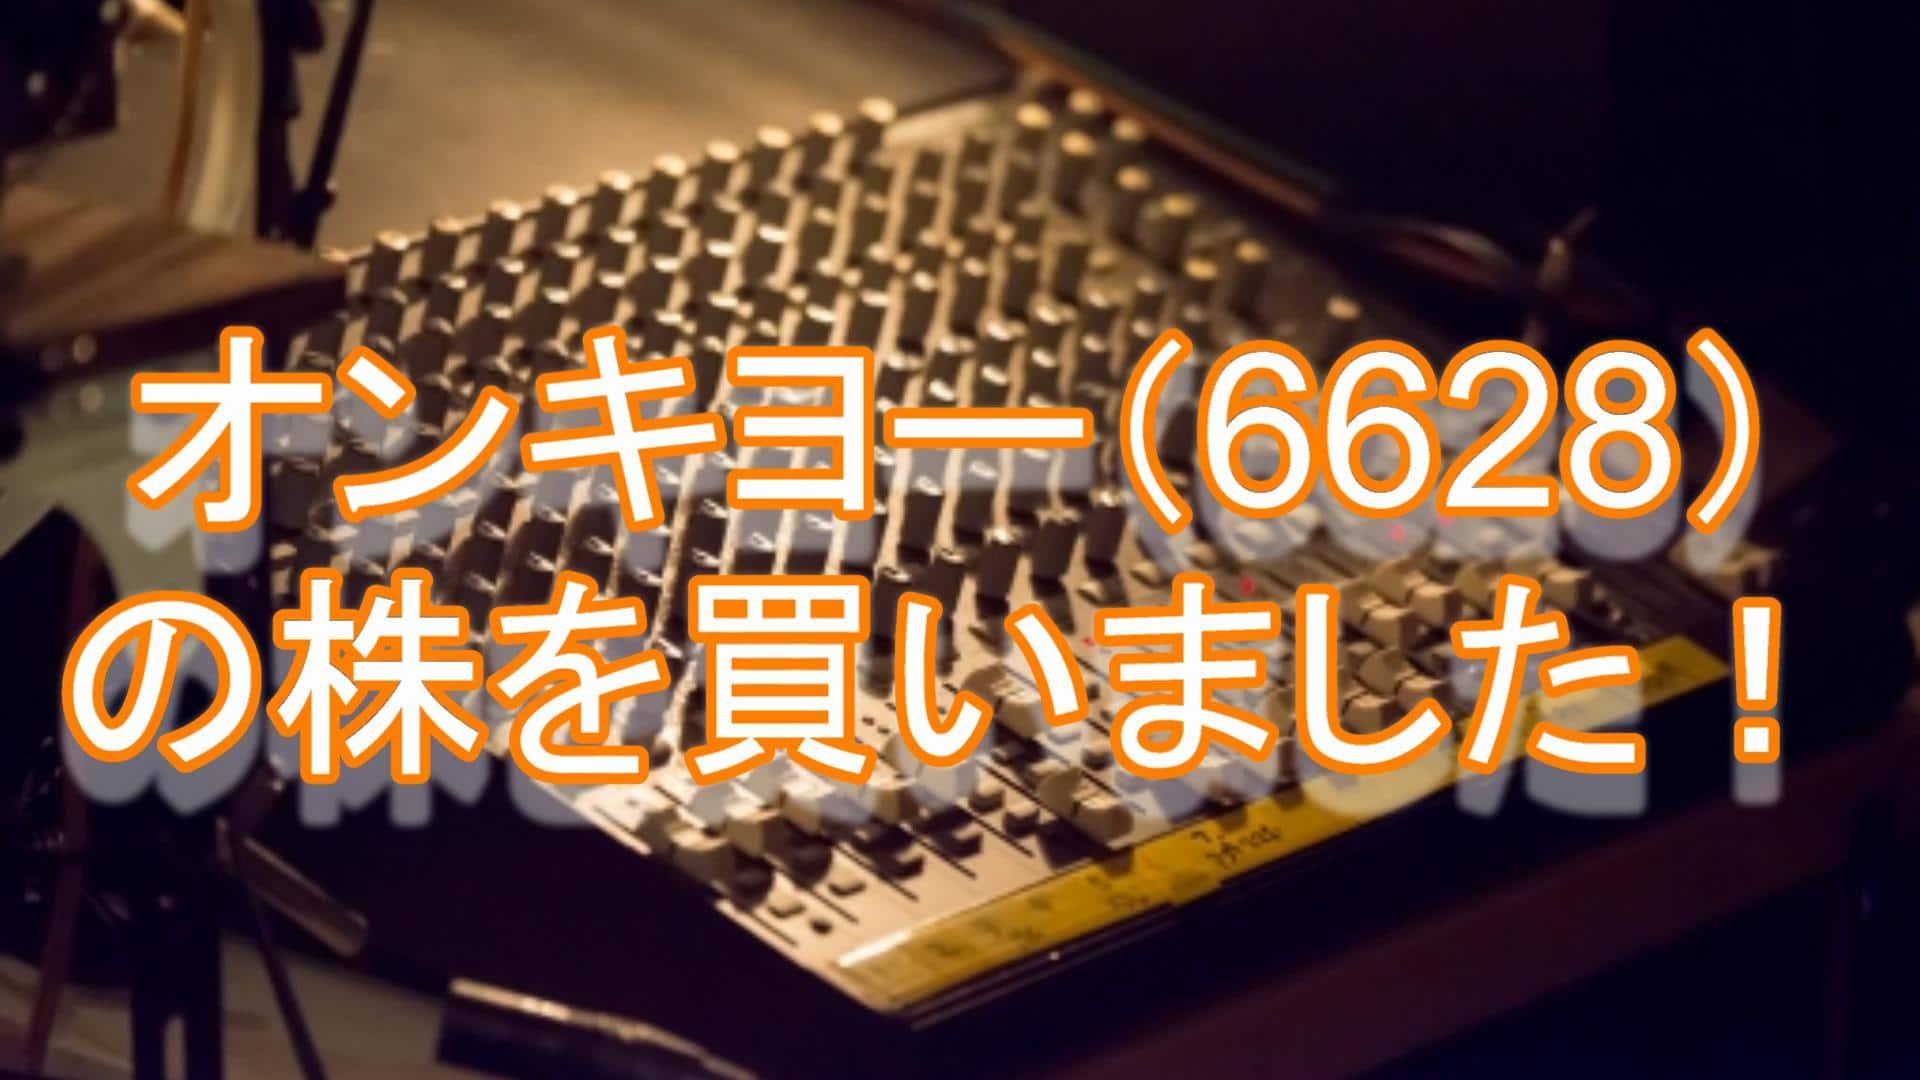 オンキヨー(6628)の株を買いました